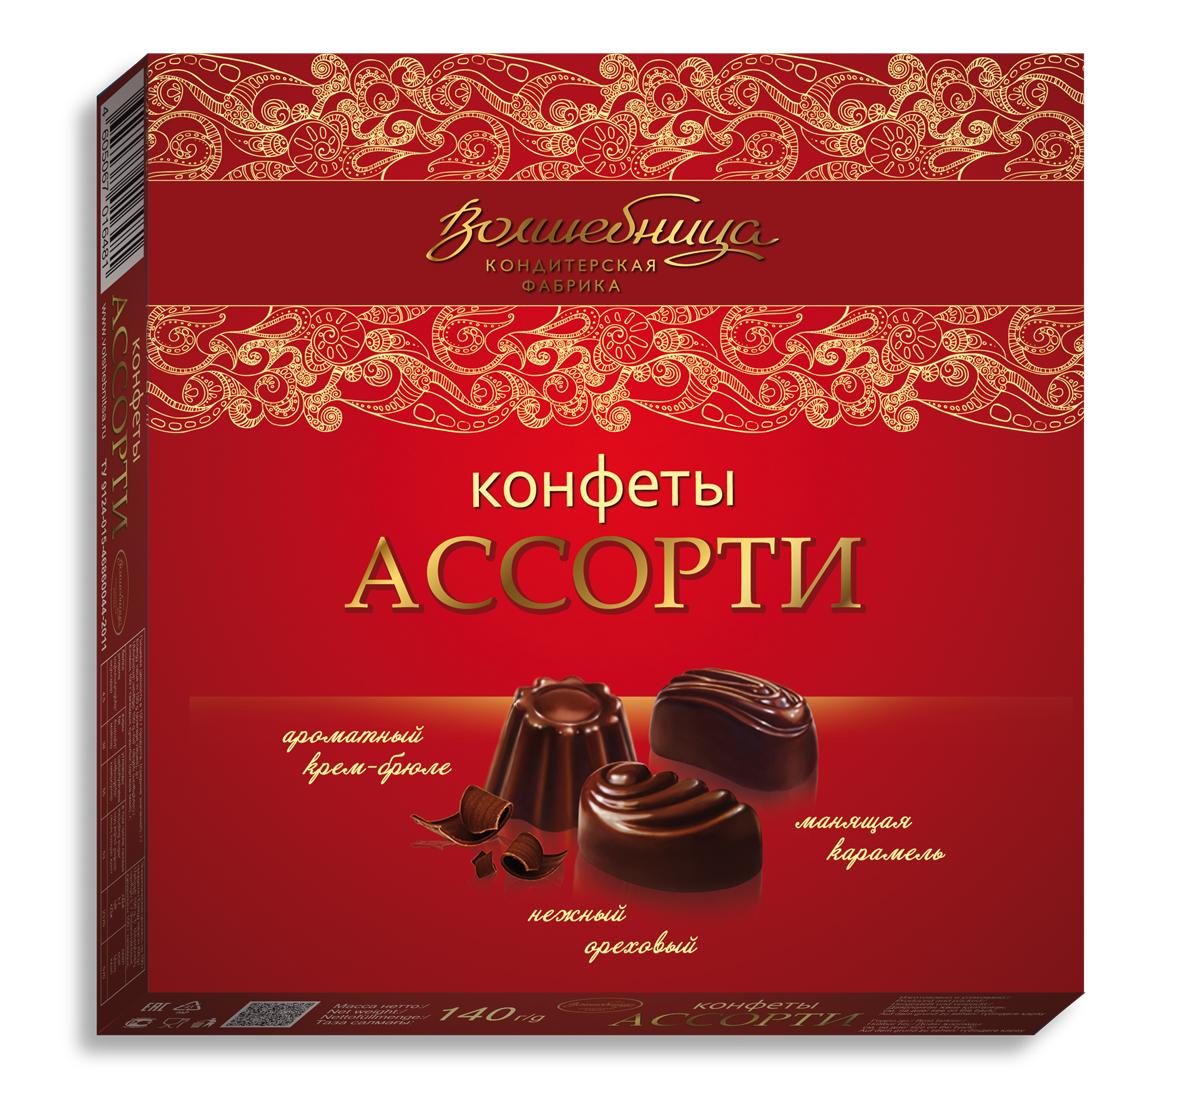 Волшебница конфеты ассорти (красные), 140 г цена